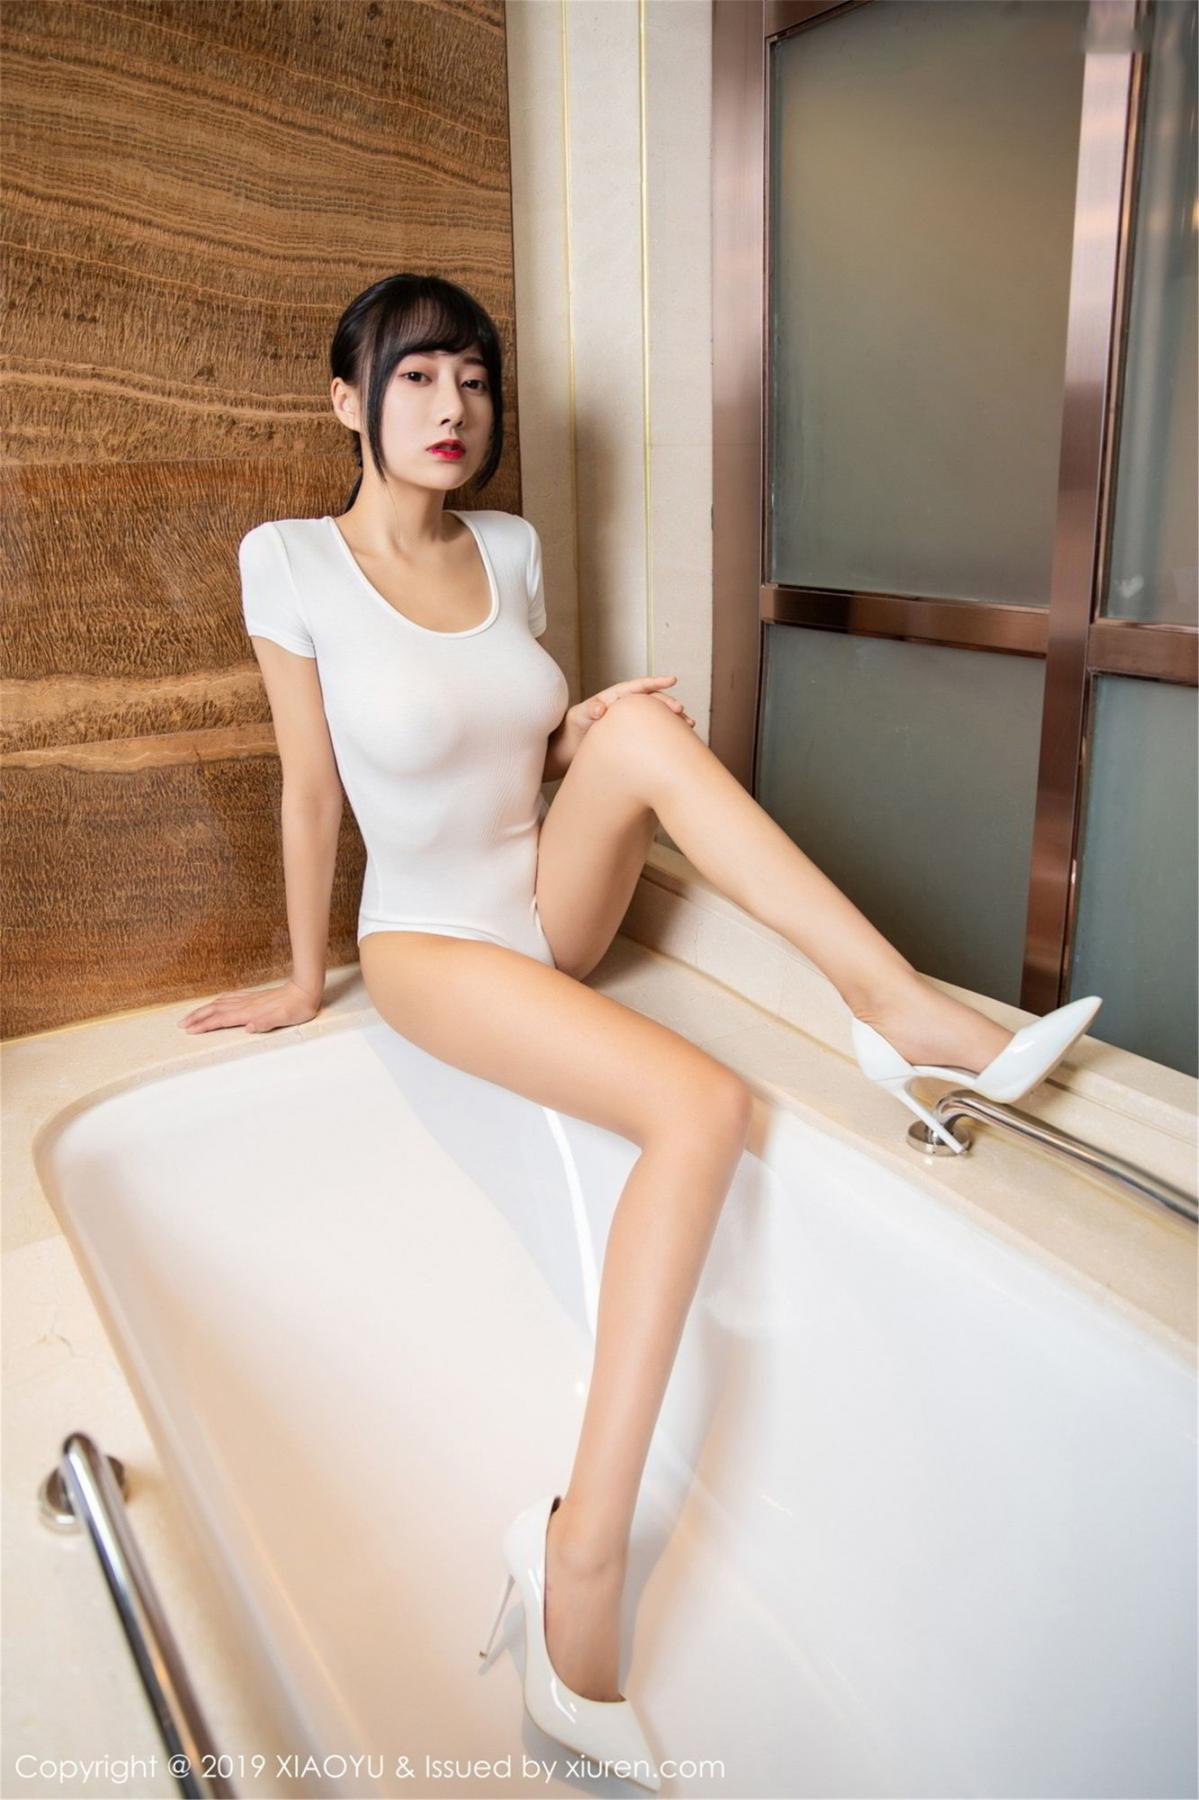 [XiaoYu] Vol.116 He Jia Ying 2P, Bathroom, He Jia Ying, Wet, XiaoYu